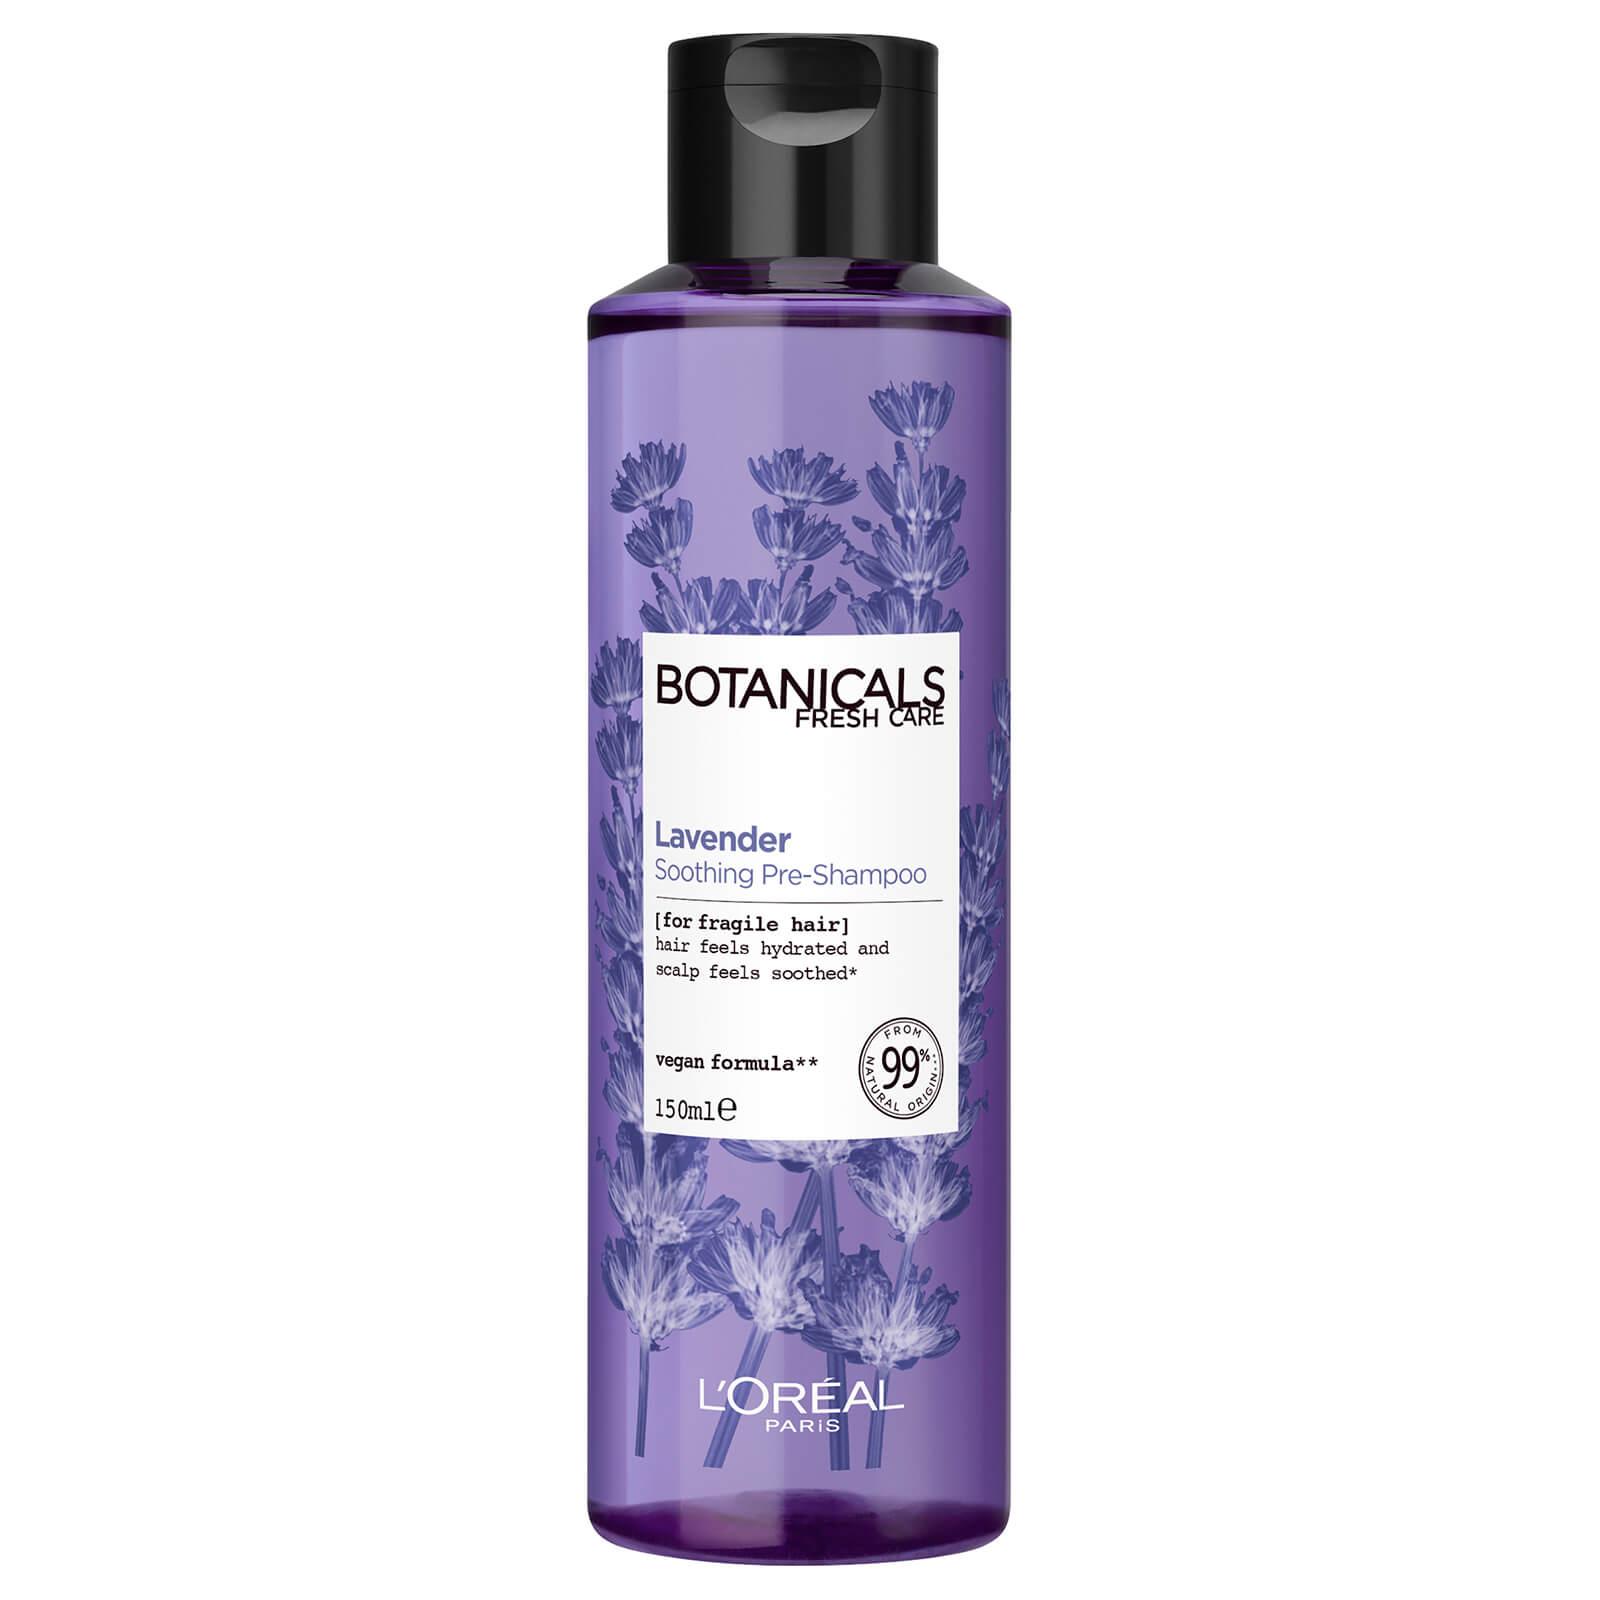 Купить L'Oréal Paris Botanicals Lavender Fine Hair Pre Shampoo Oil 150ml